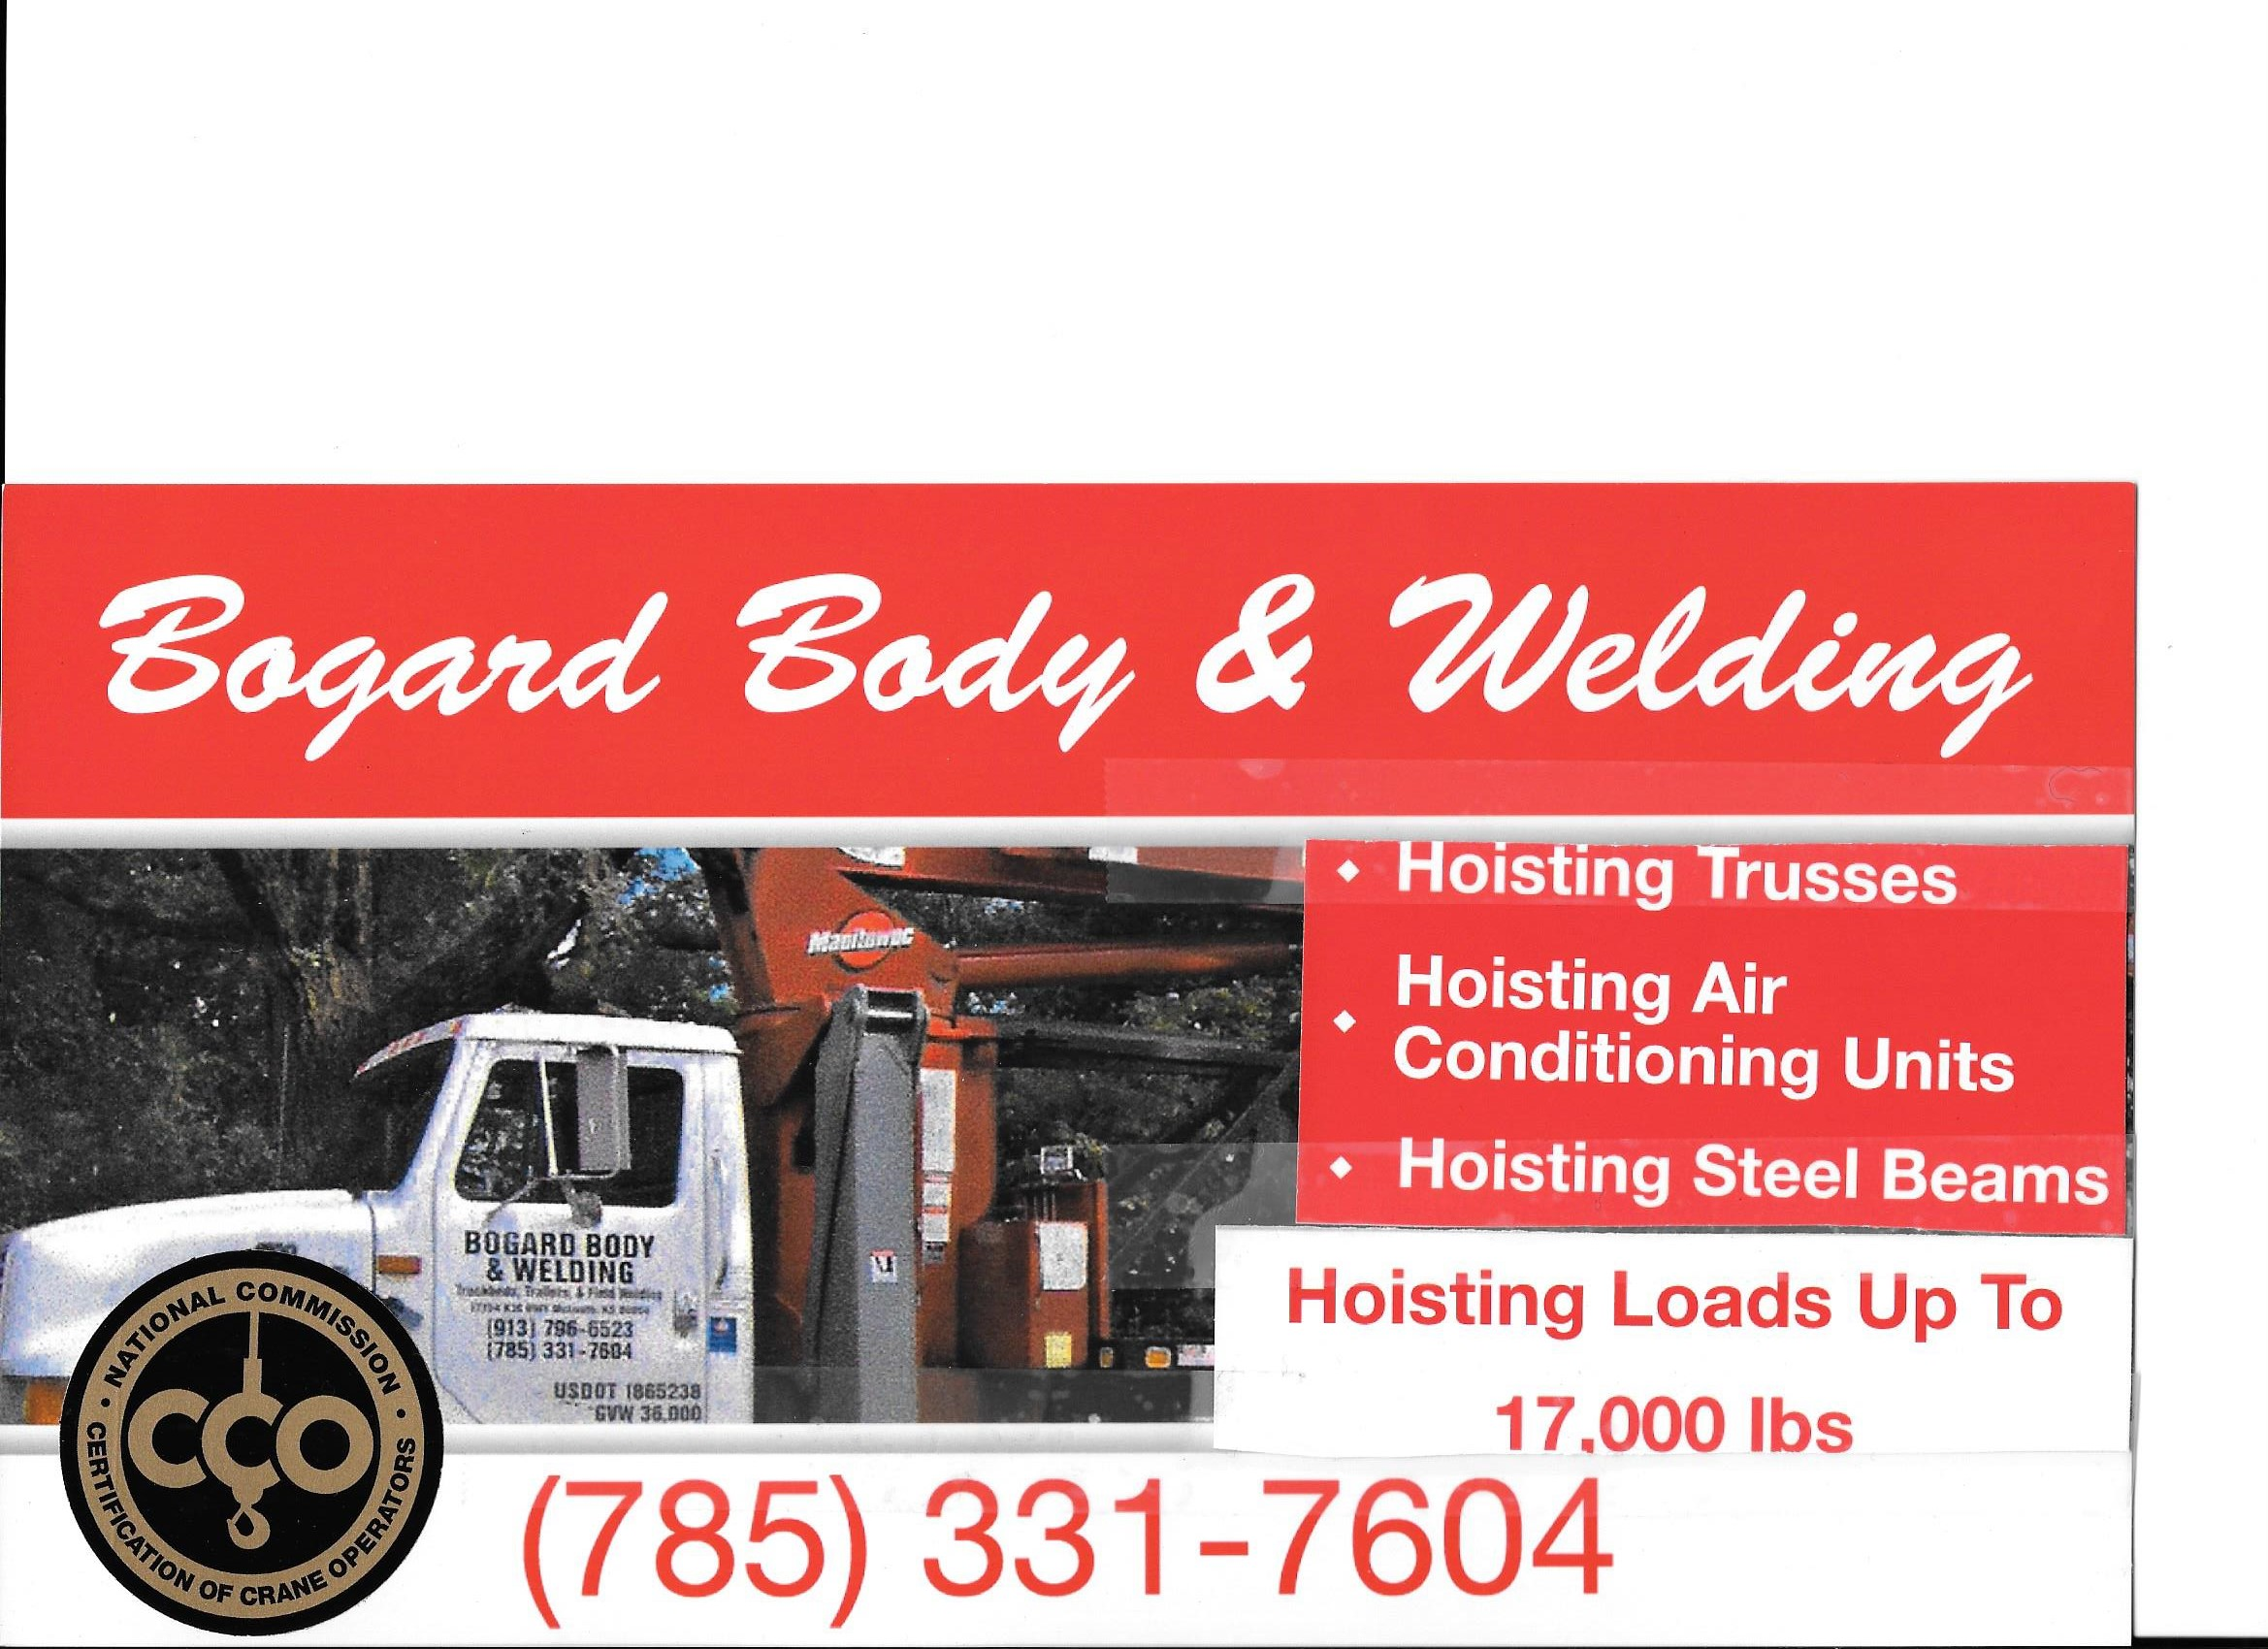 Bogard Body & Welding